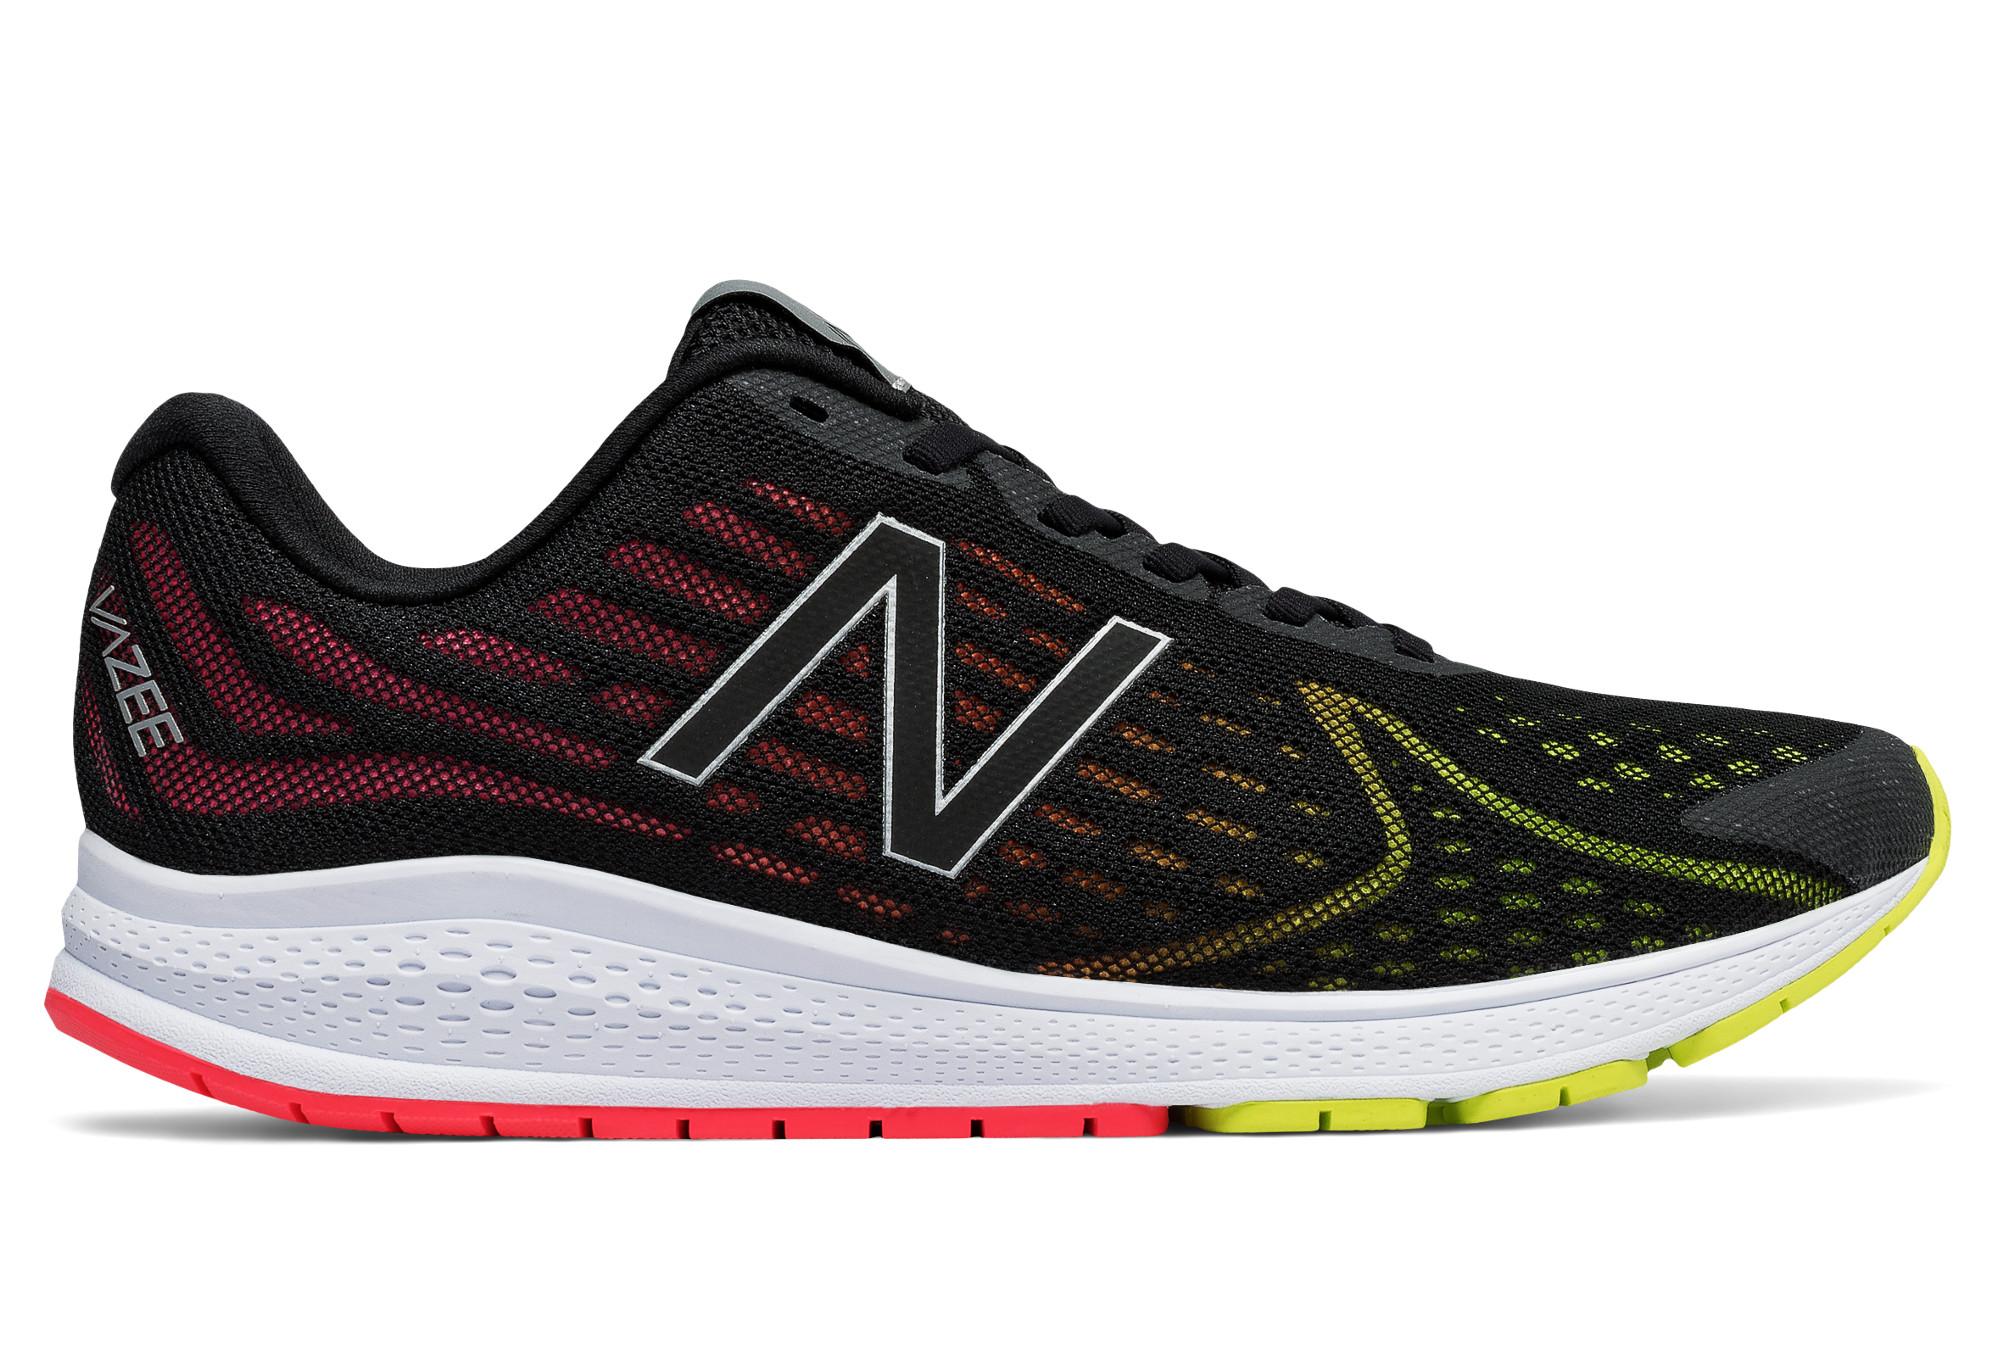 Chaussures de Running New RUSH Balance VAZEE RUSH New Noir a3d85b